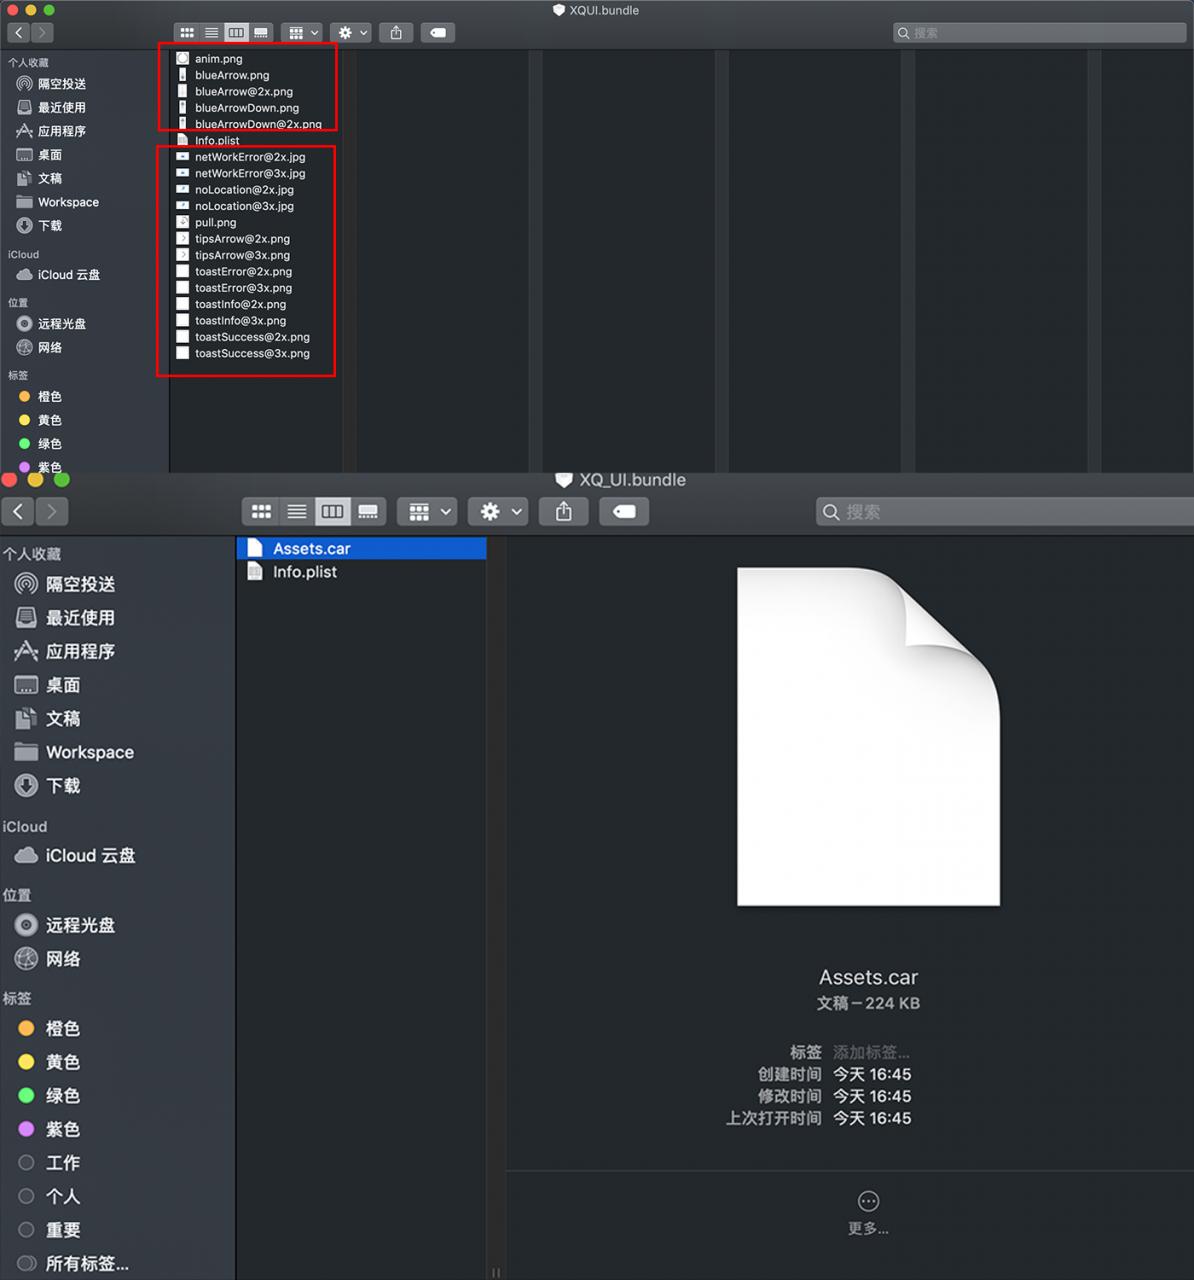 Pod组件库图片处理前后对比